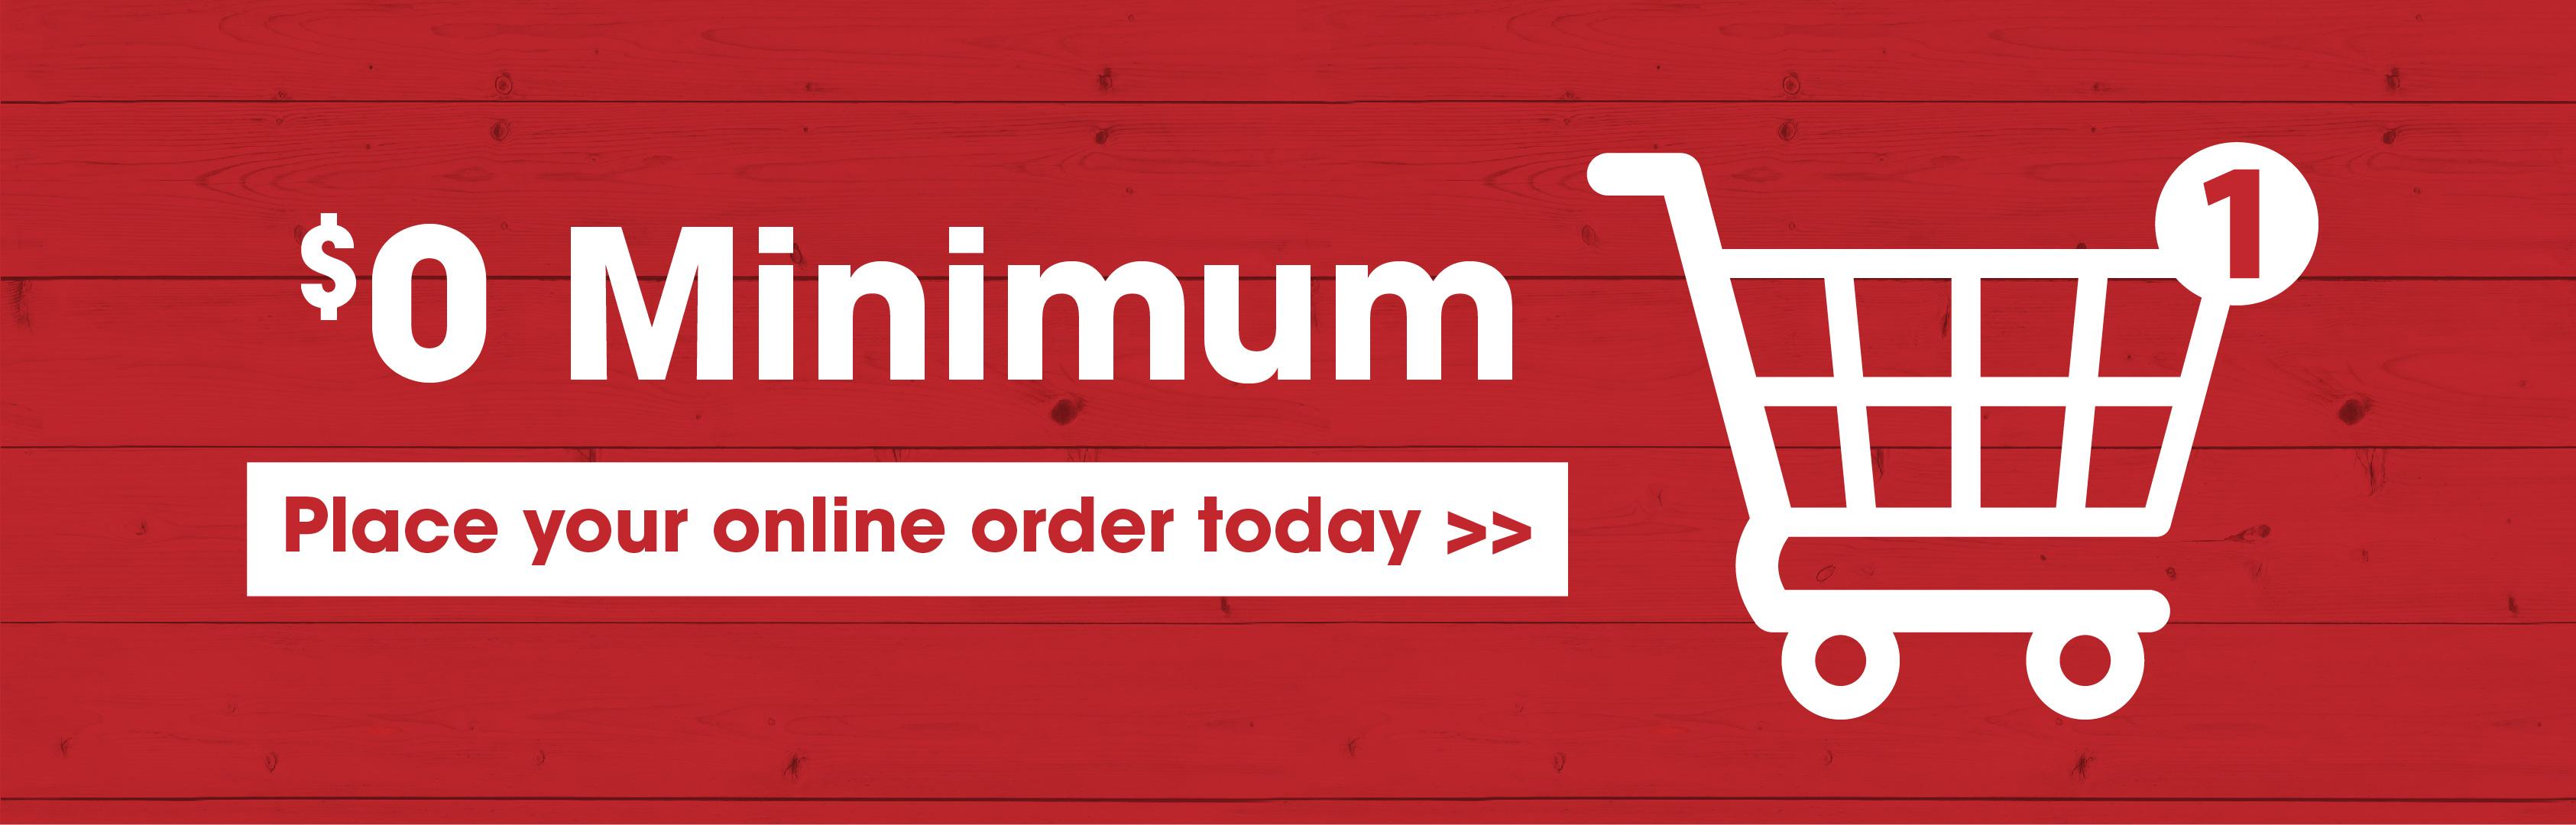 $0 Minimum Online Order